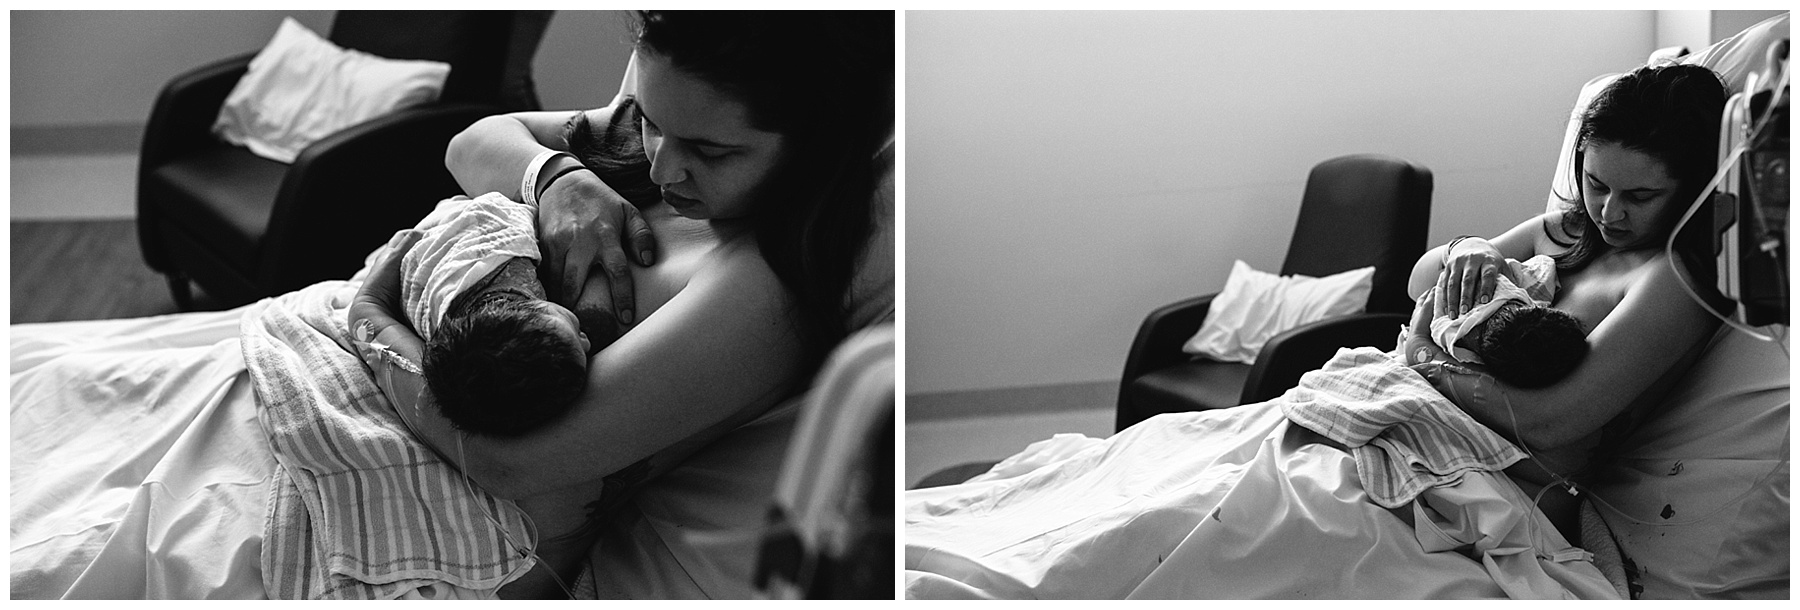 warragul birth photography (18).jpg